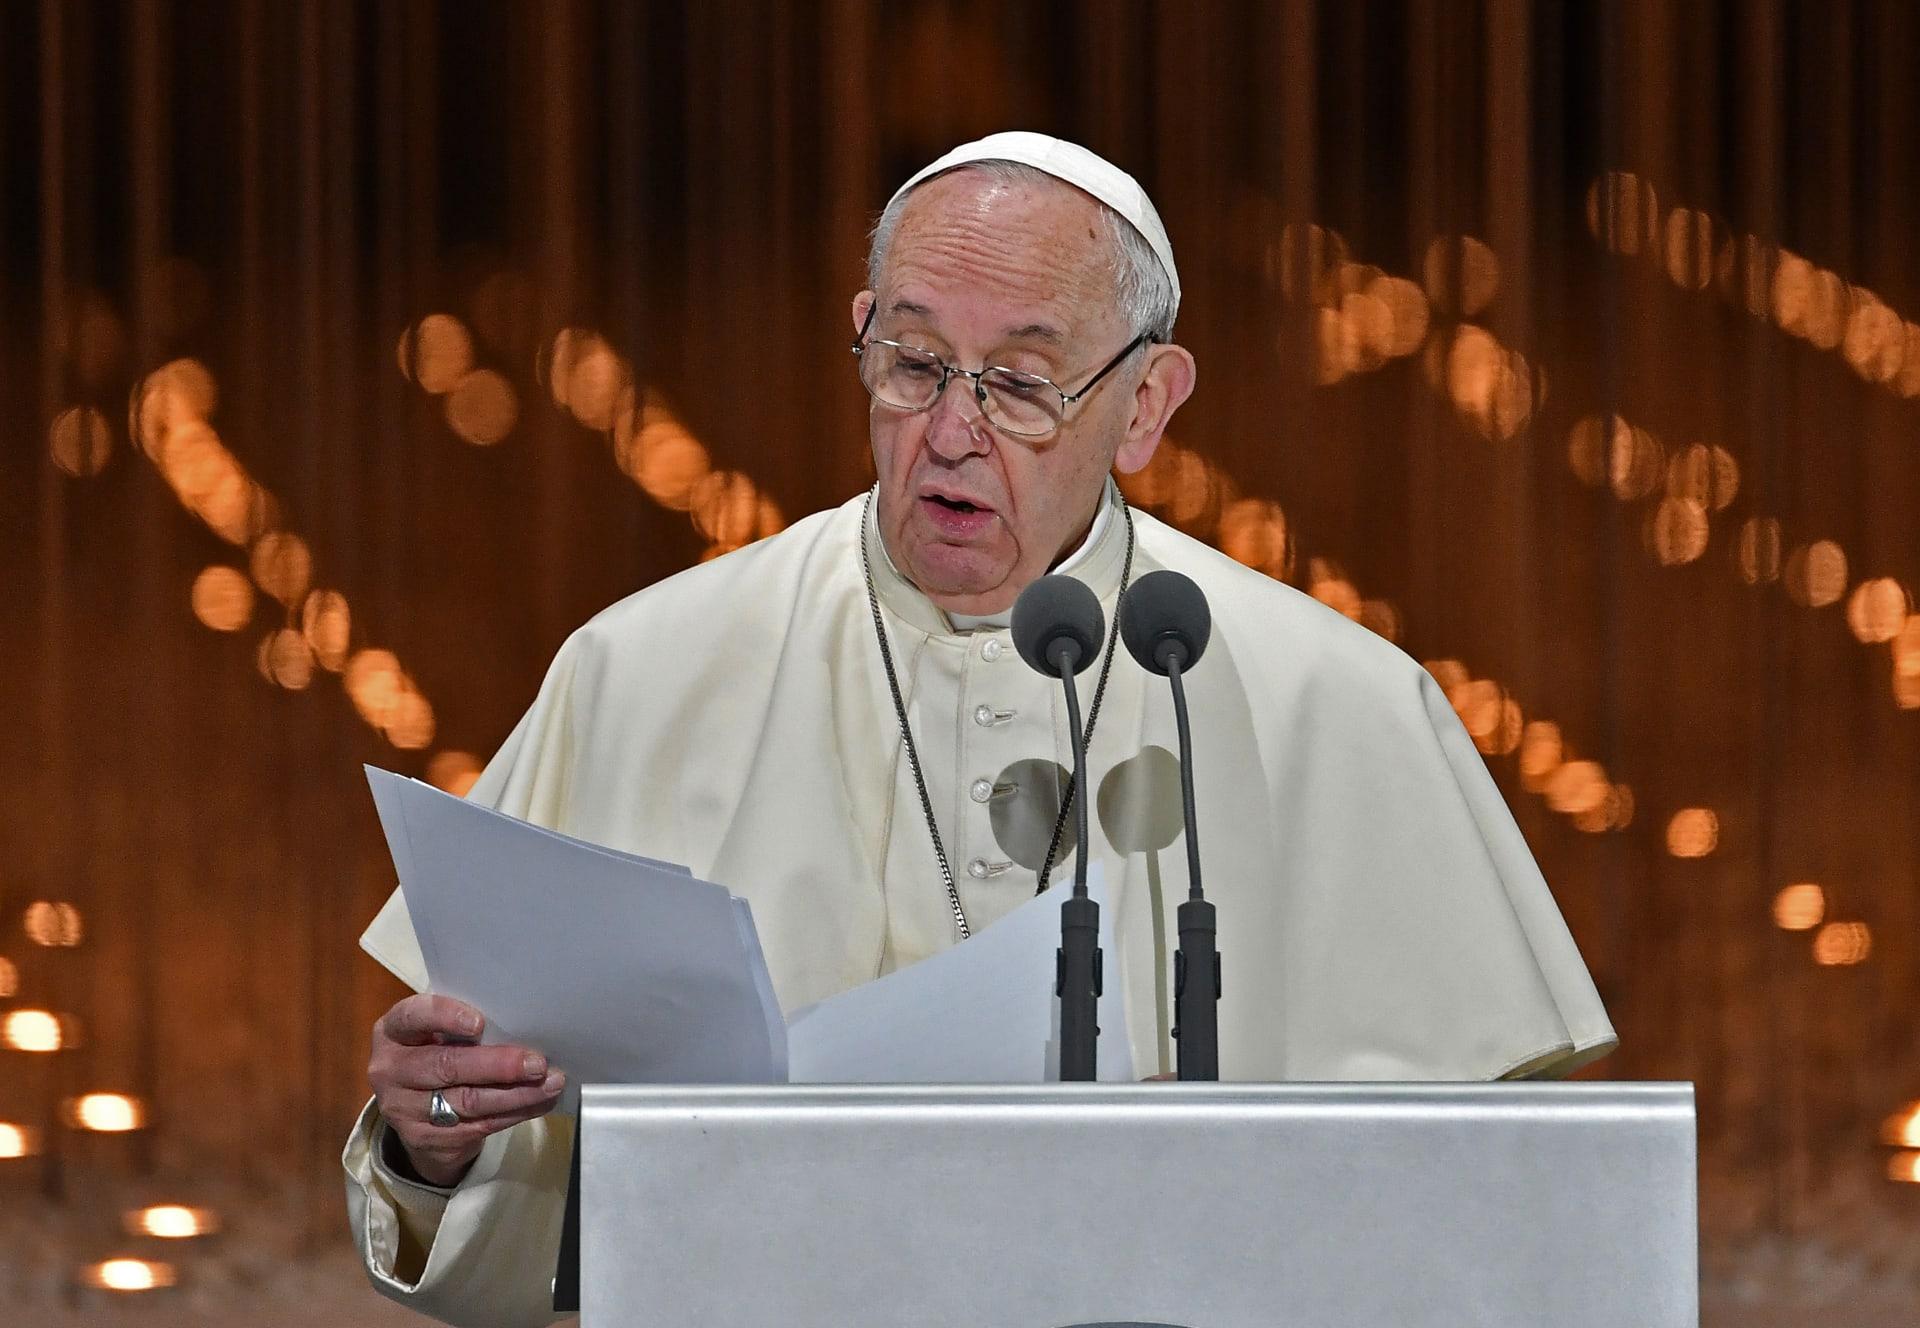 """البابا يبدأ كلمته بـ""""السلام عليكم"""" ويوقع مع شيخ الأزهر """"إعلان أبوظبي"""" للإخوة الإنسانية"""